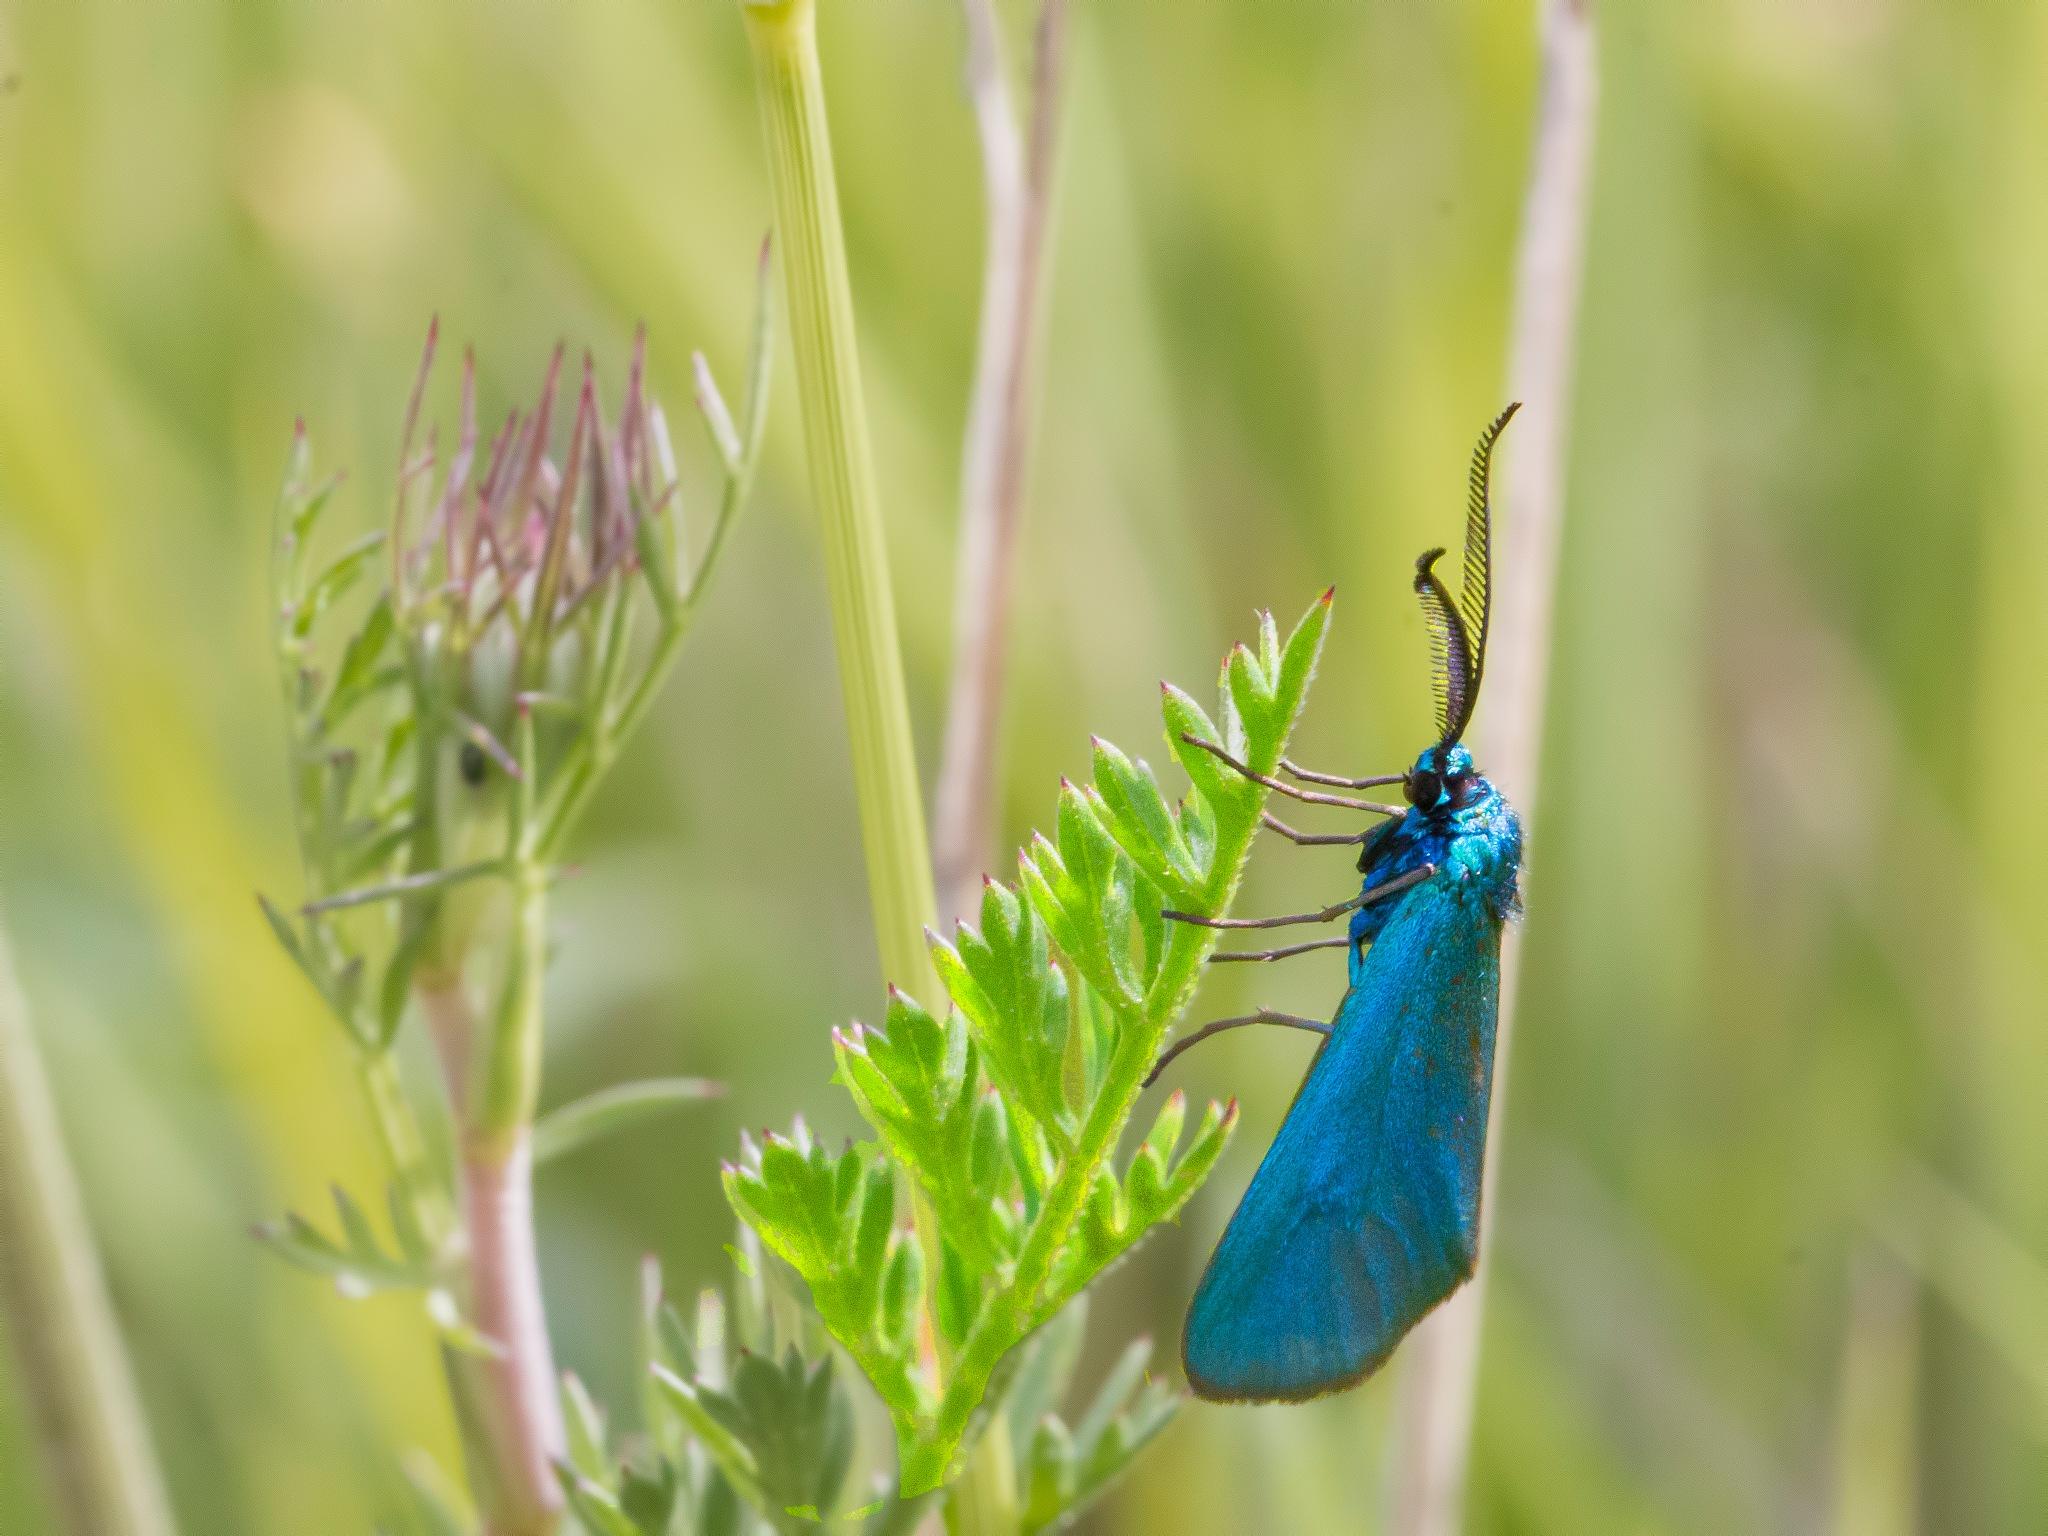 Zigena azul by Ernenek